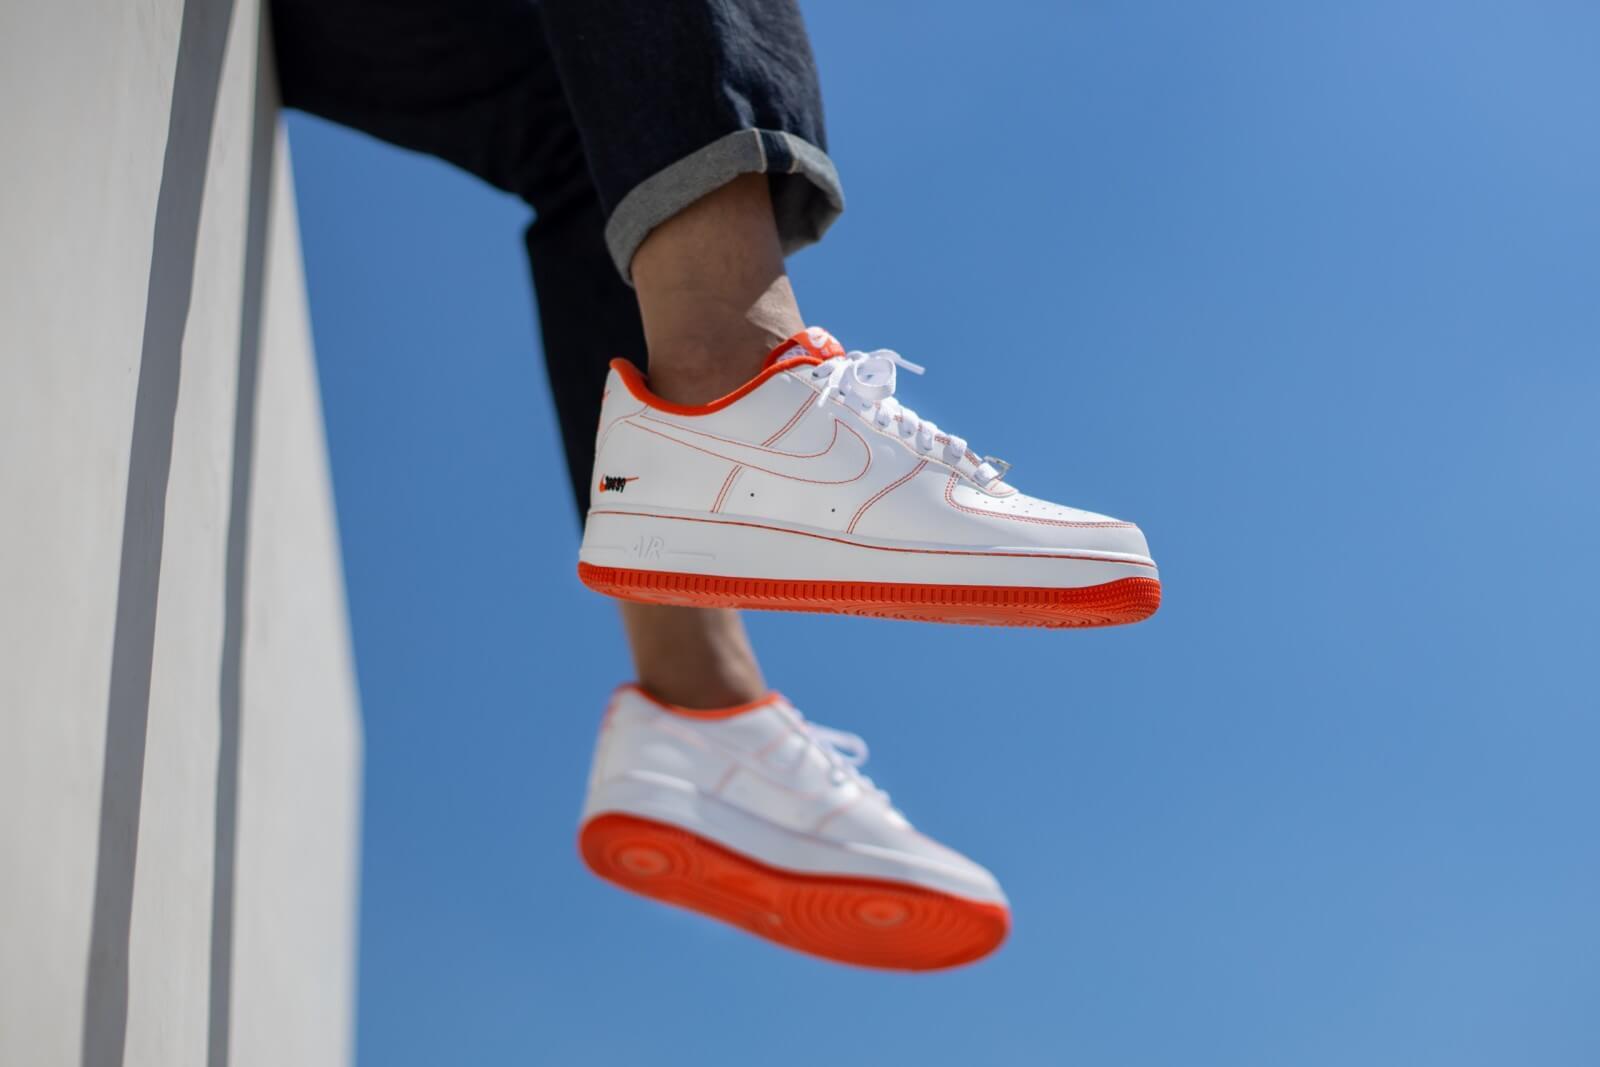 nike air force 1 07 femme orange